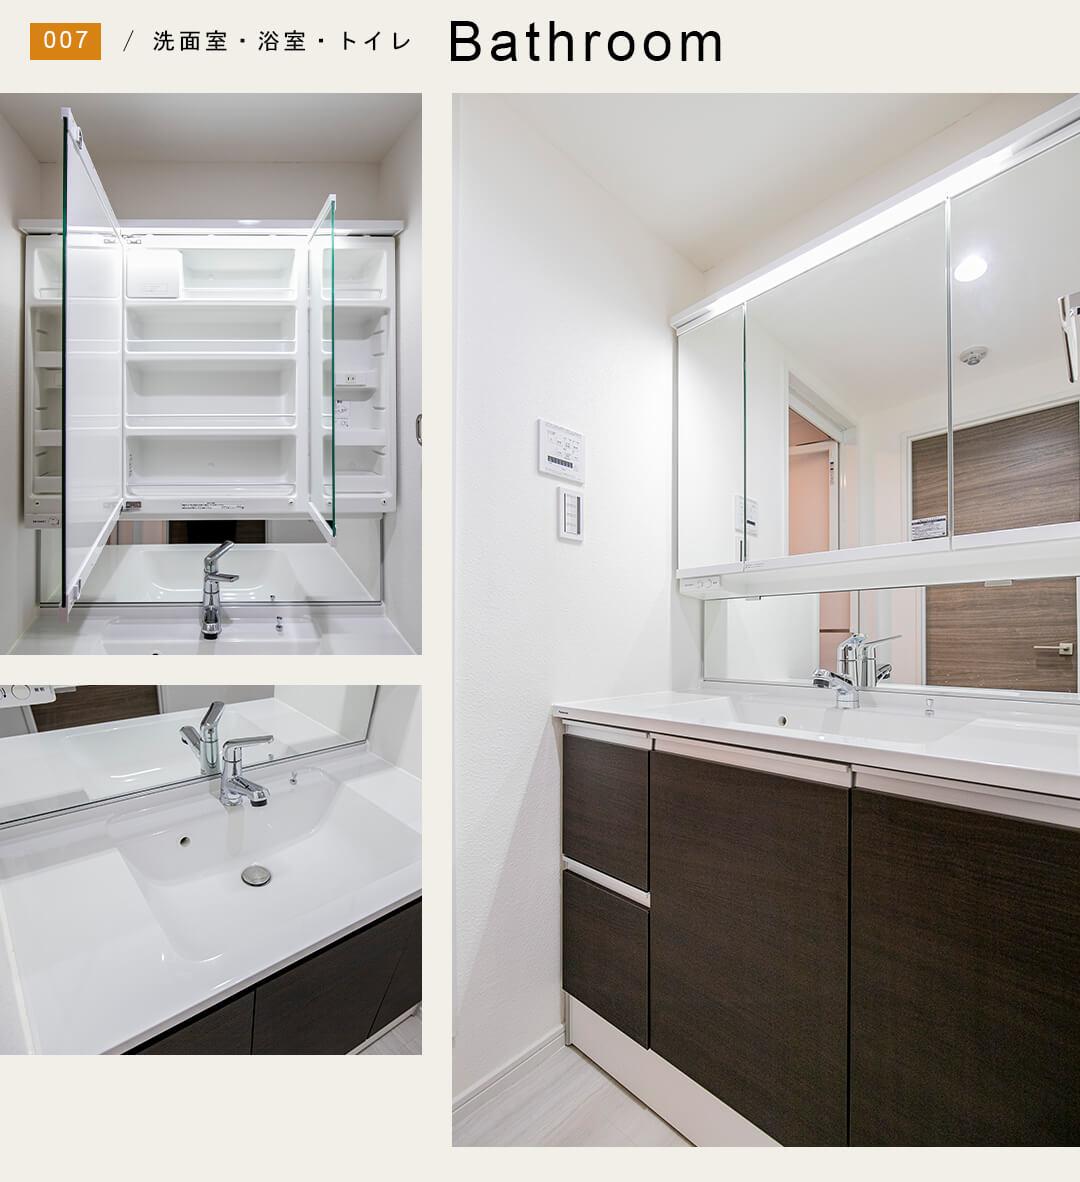 パシフィックパレス荻窪の洗面室